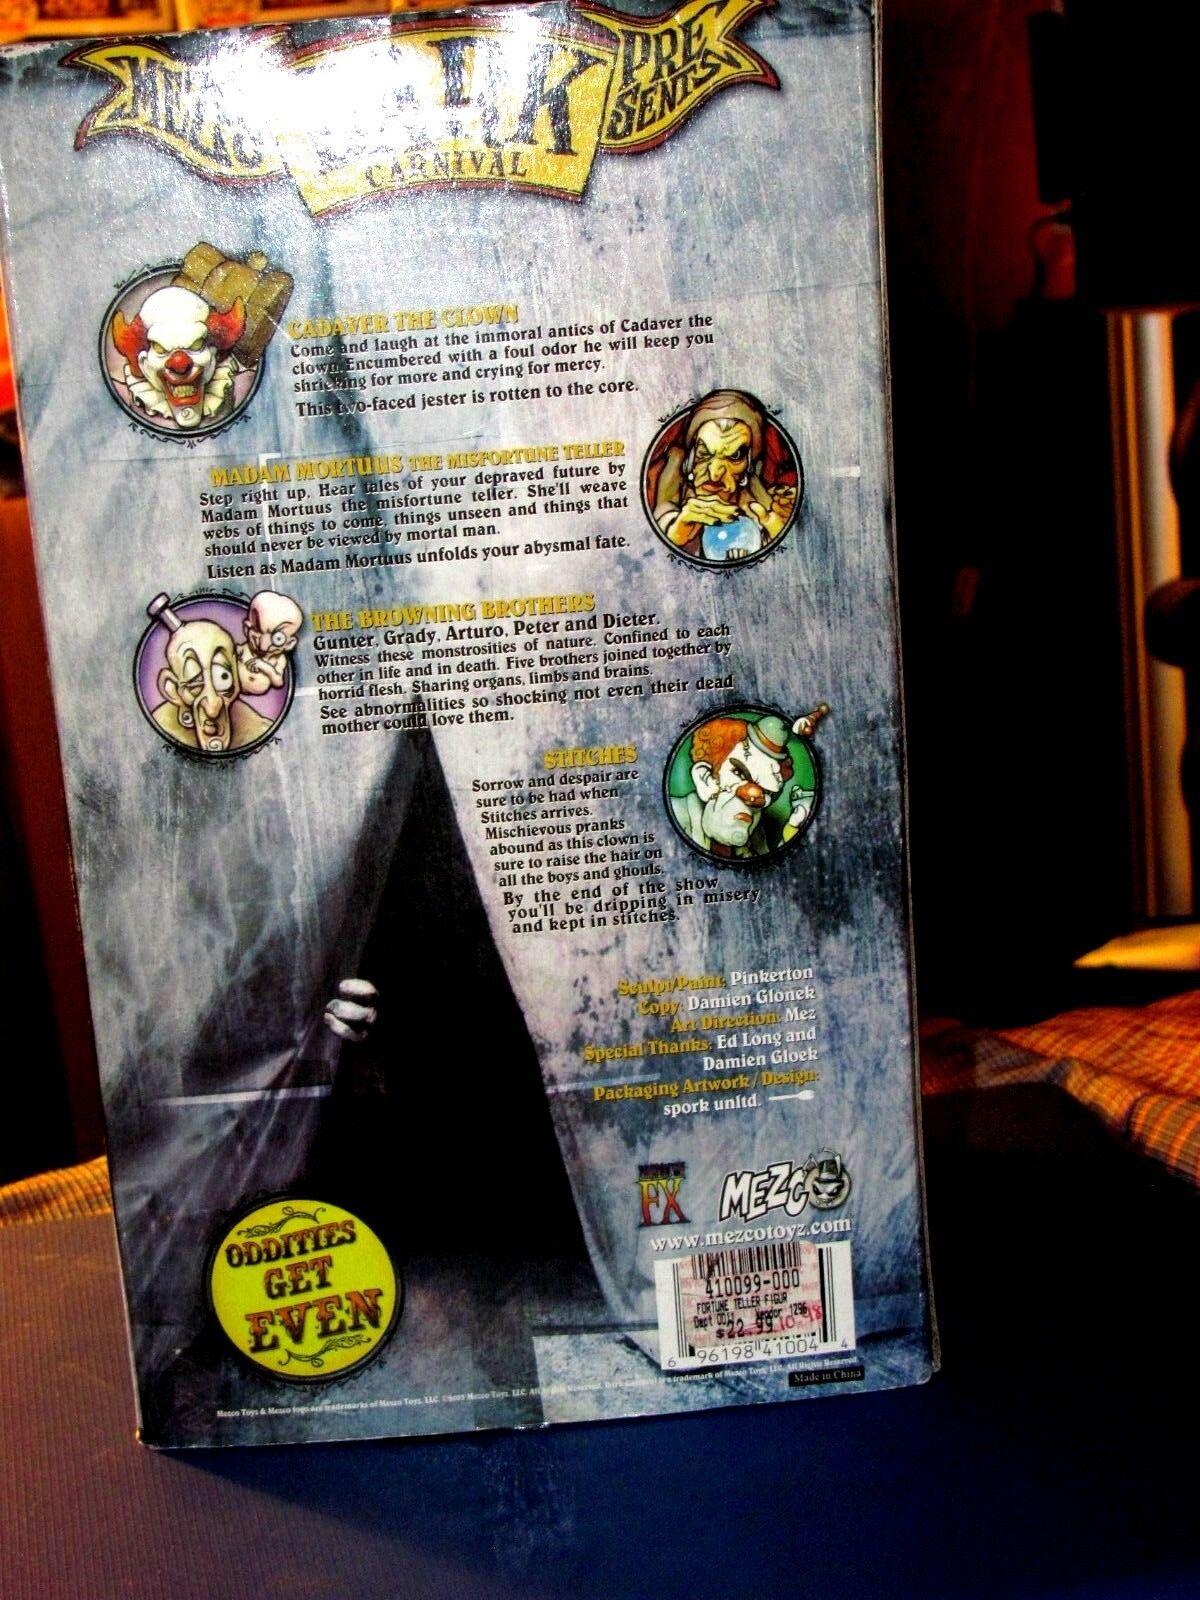 Mezco Dark Dark Dark Carnival Madam Mortuus Misfortune Teller RARE icp insane clown posse 1f6995